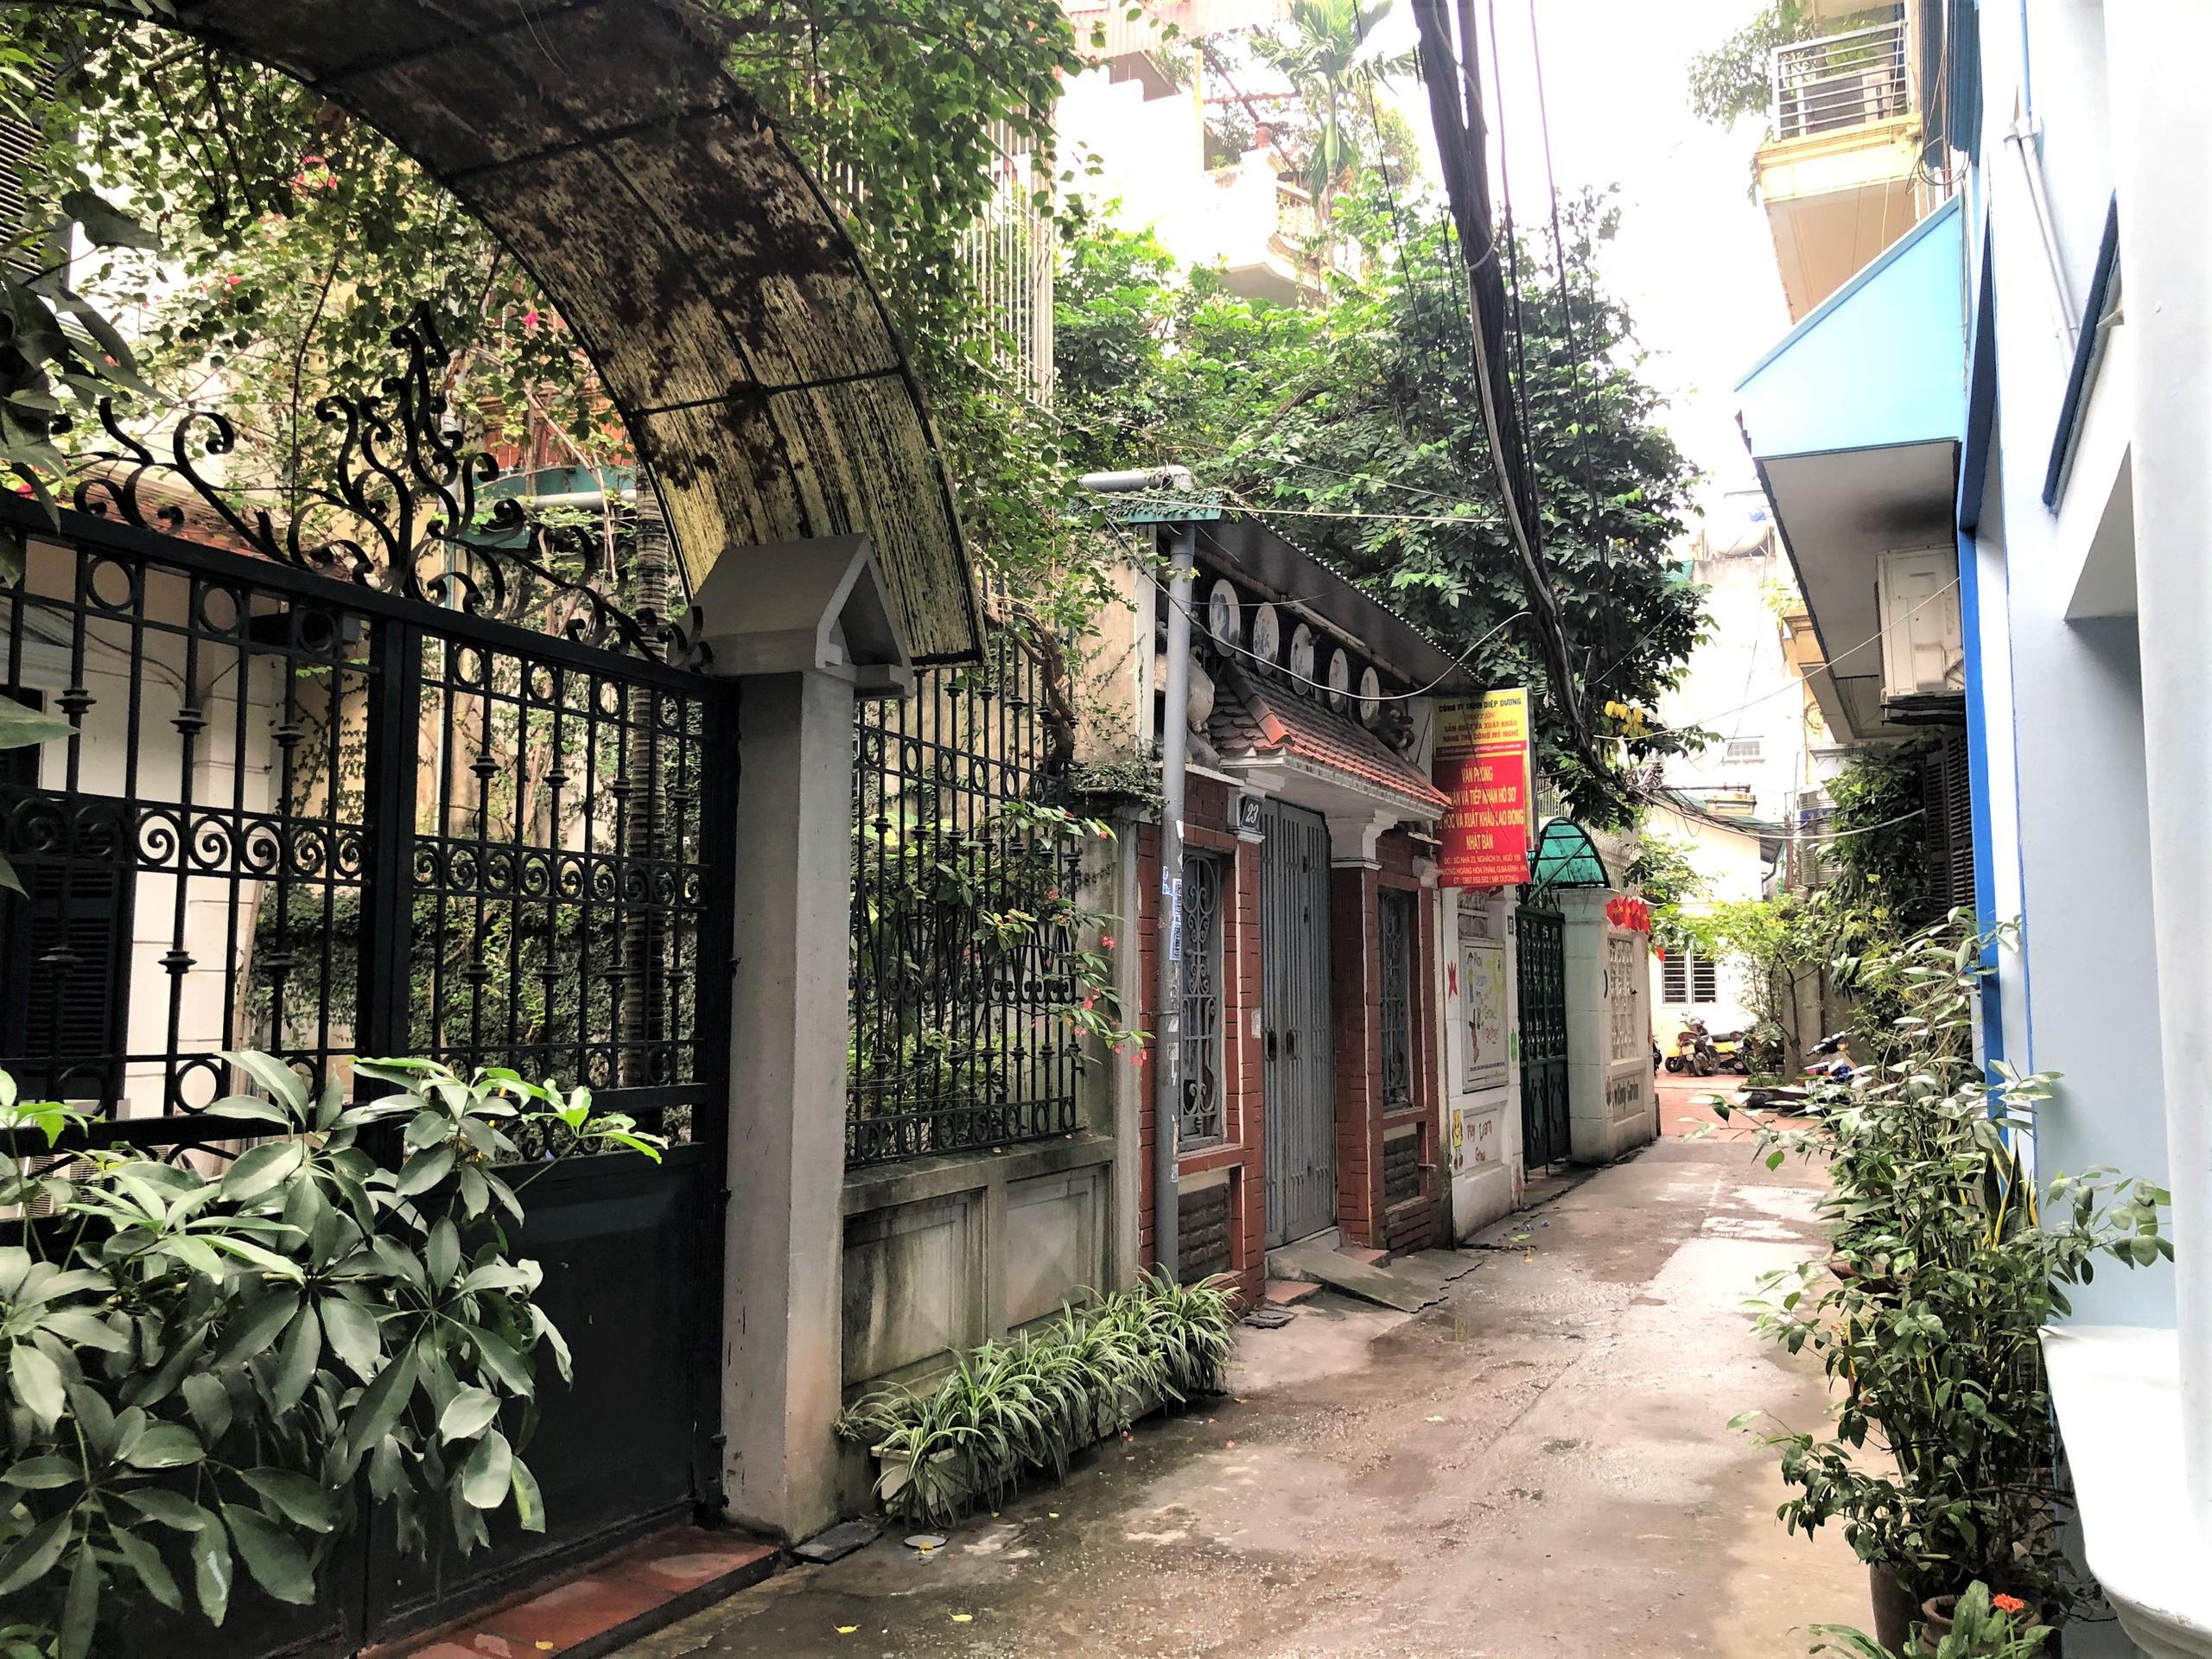 Đường sắp mở theo quy hoạch ở phường Liễu Giai, Ba Đình, Hà Nội (phần 3): Hai đường nối từ Văn Cao đến đường Vạn Phúc - Hoàng Hoa Thám  - Ảnh 10.